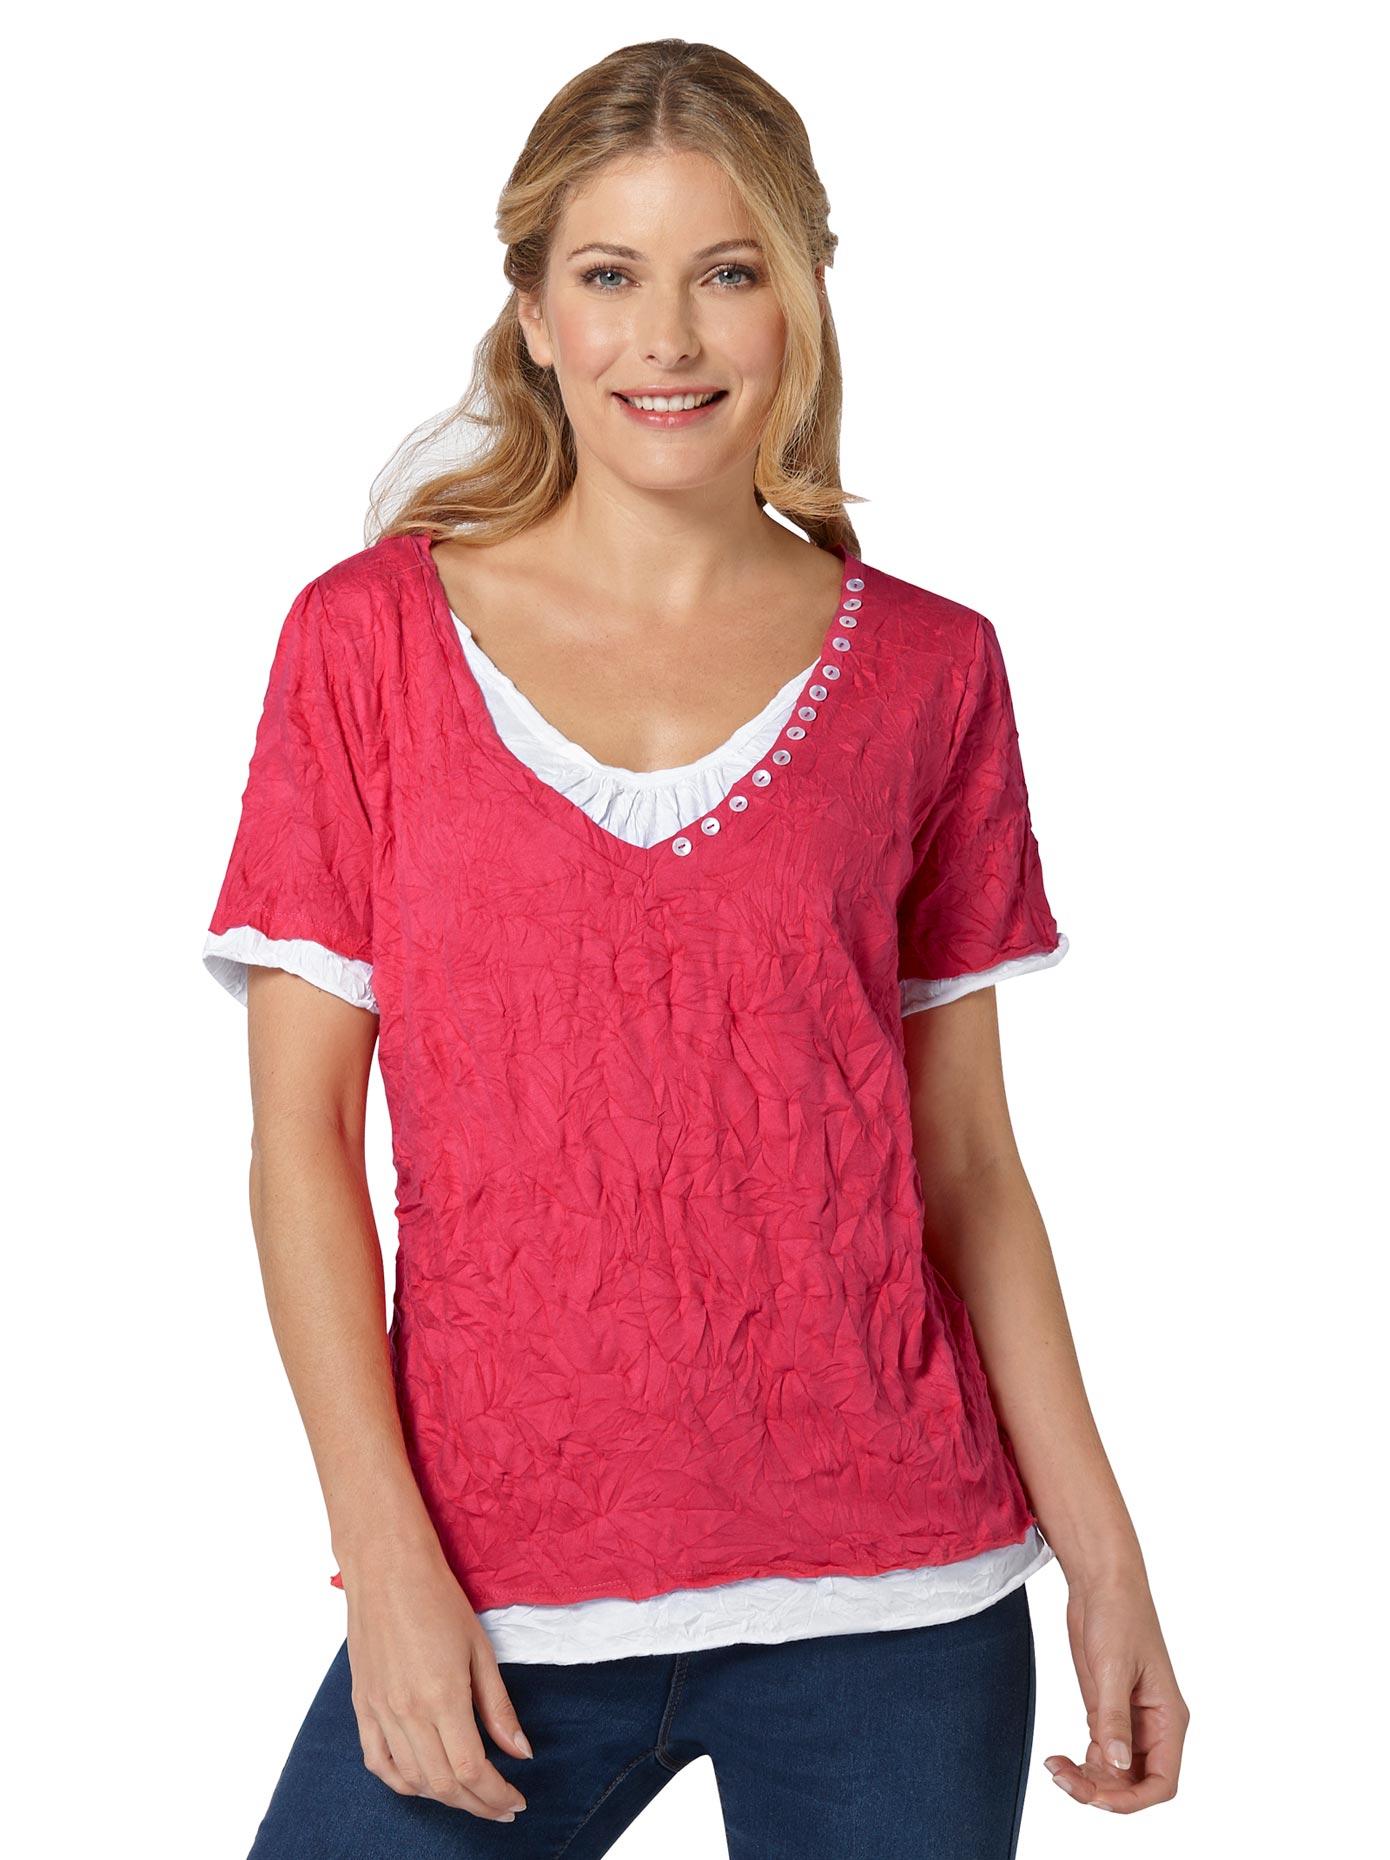 Inspirationen 2-in-1-Shirt in Crash-Optik   Bekleidung > Shirts > 2-in-1 Shirts   Inspirationen